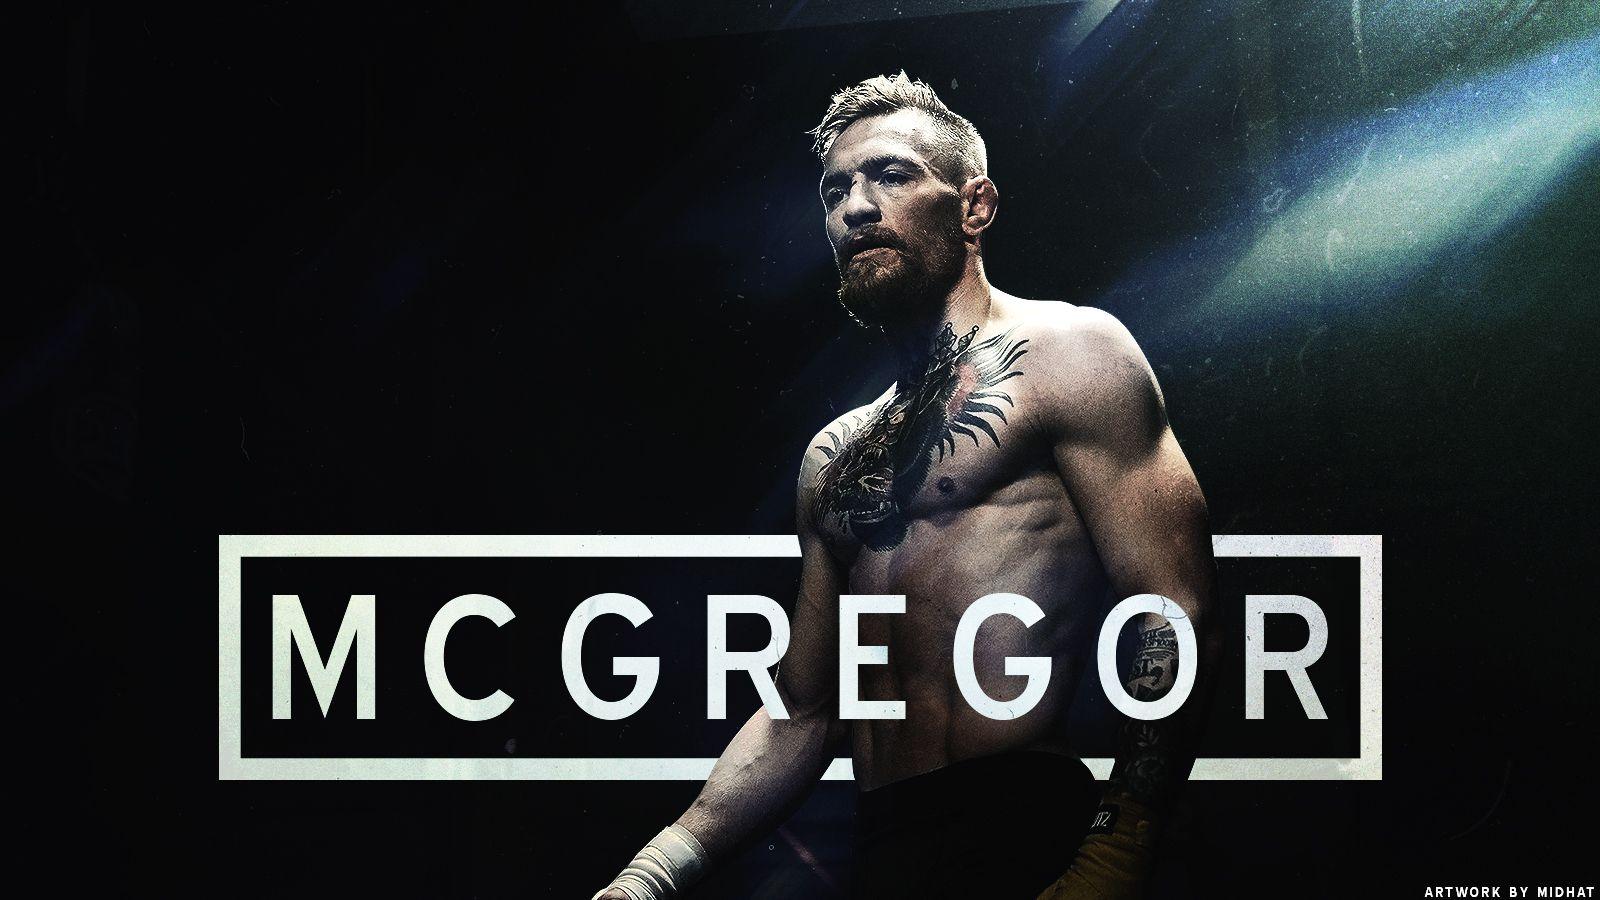 Mcgregor Mcgregor Wallpapers Conor Mcgregor Wallpaper Mcgregor